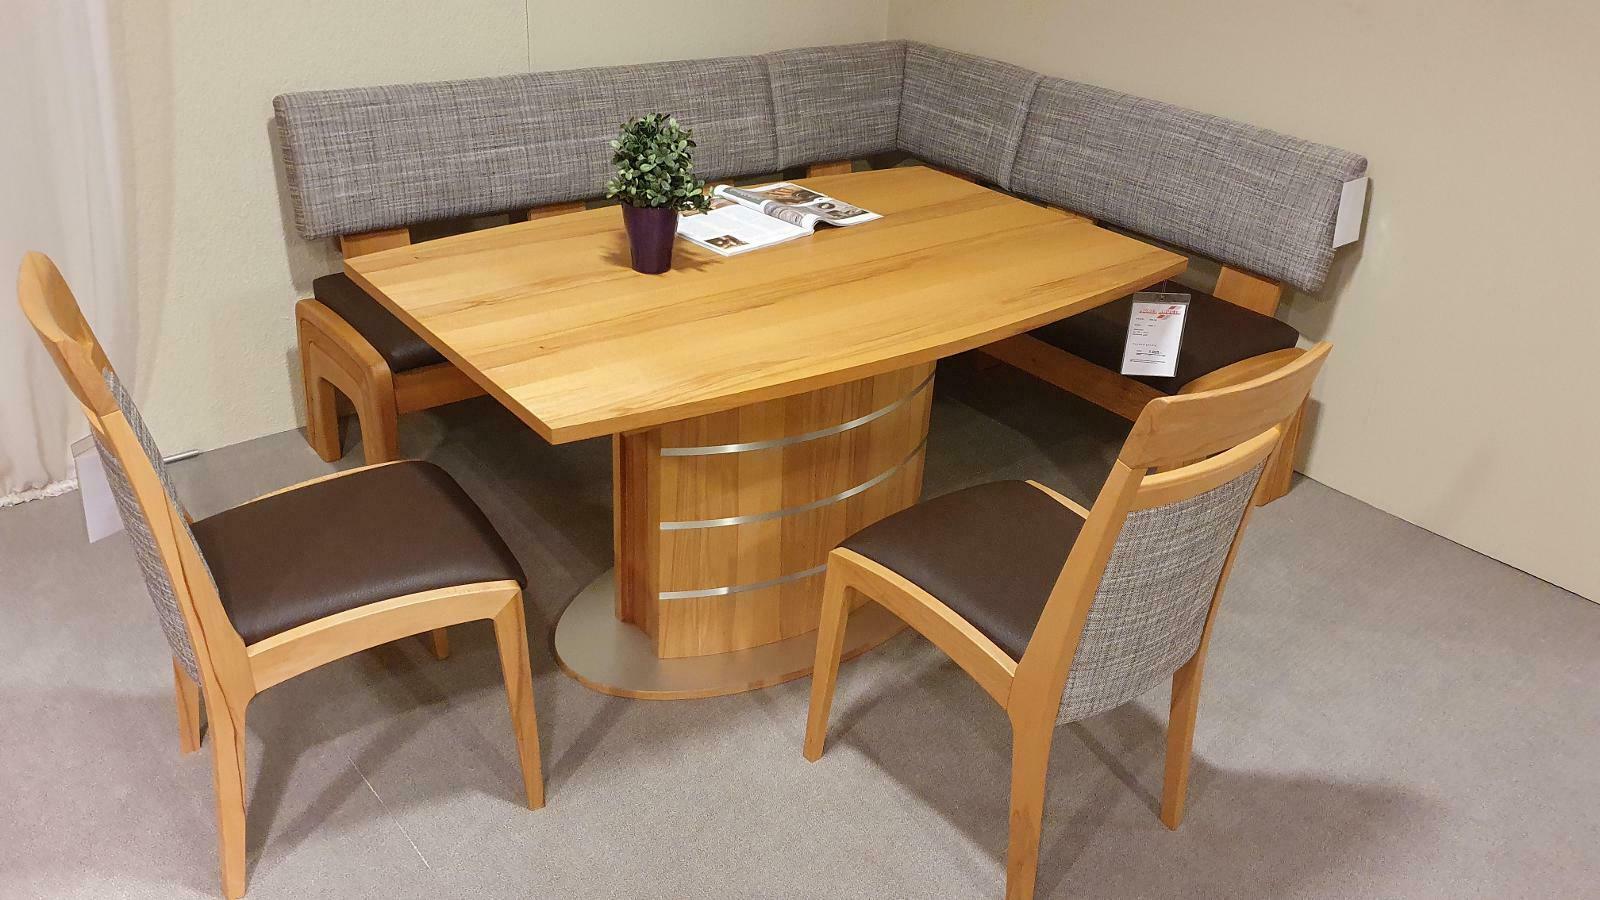 Eckbankgruppe, Tisch & Stühle